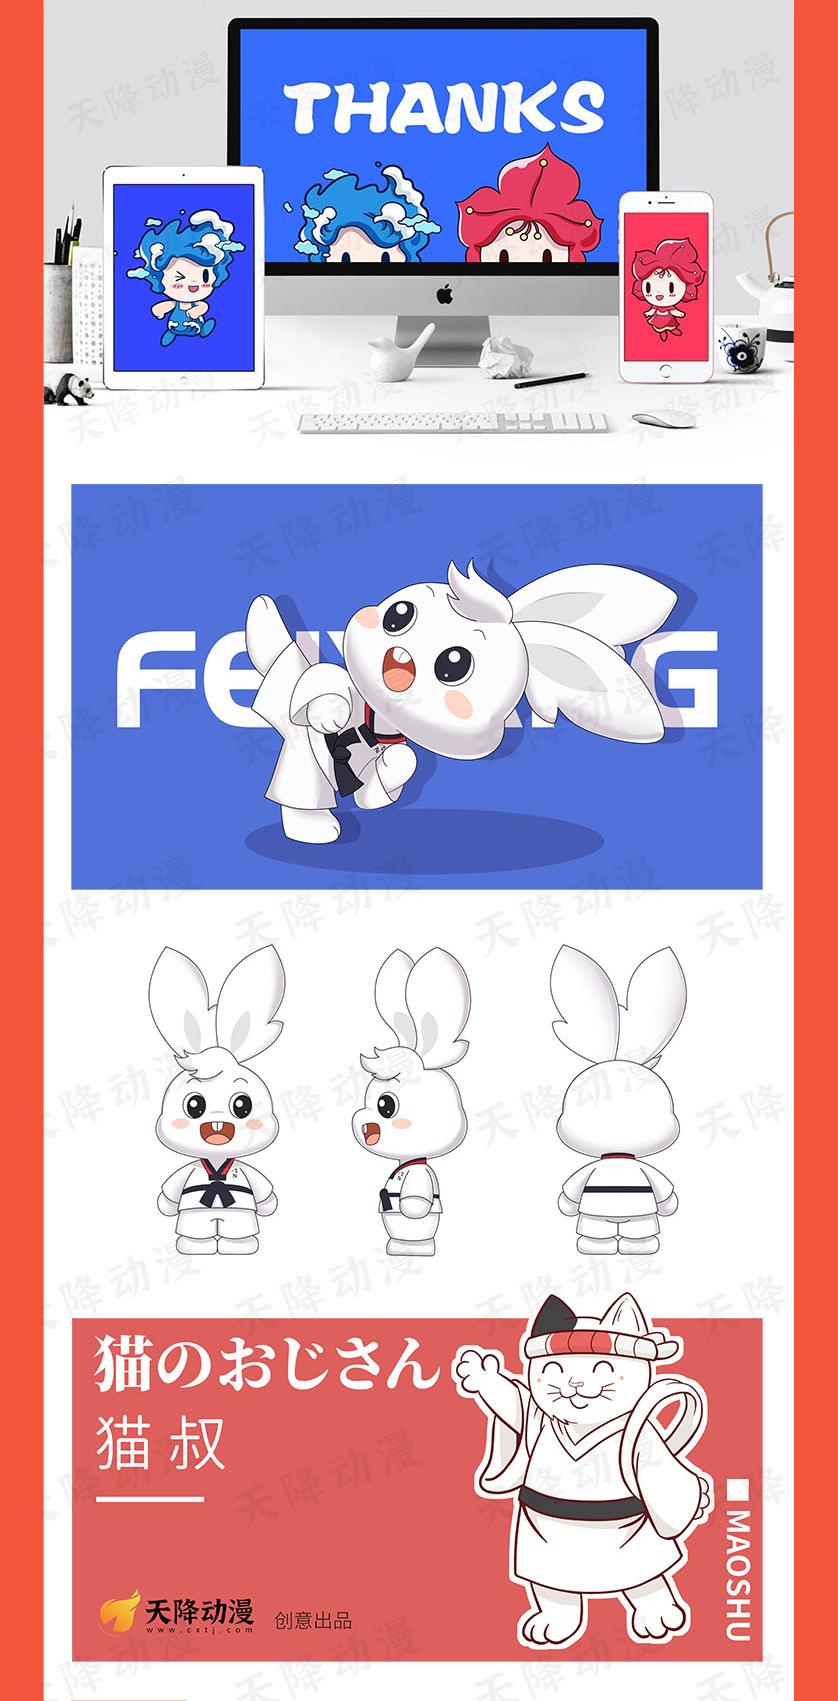 _卡通形象 卡通logo设计 企业吉祥物 微信动态表情漫画设计7